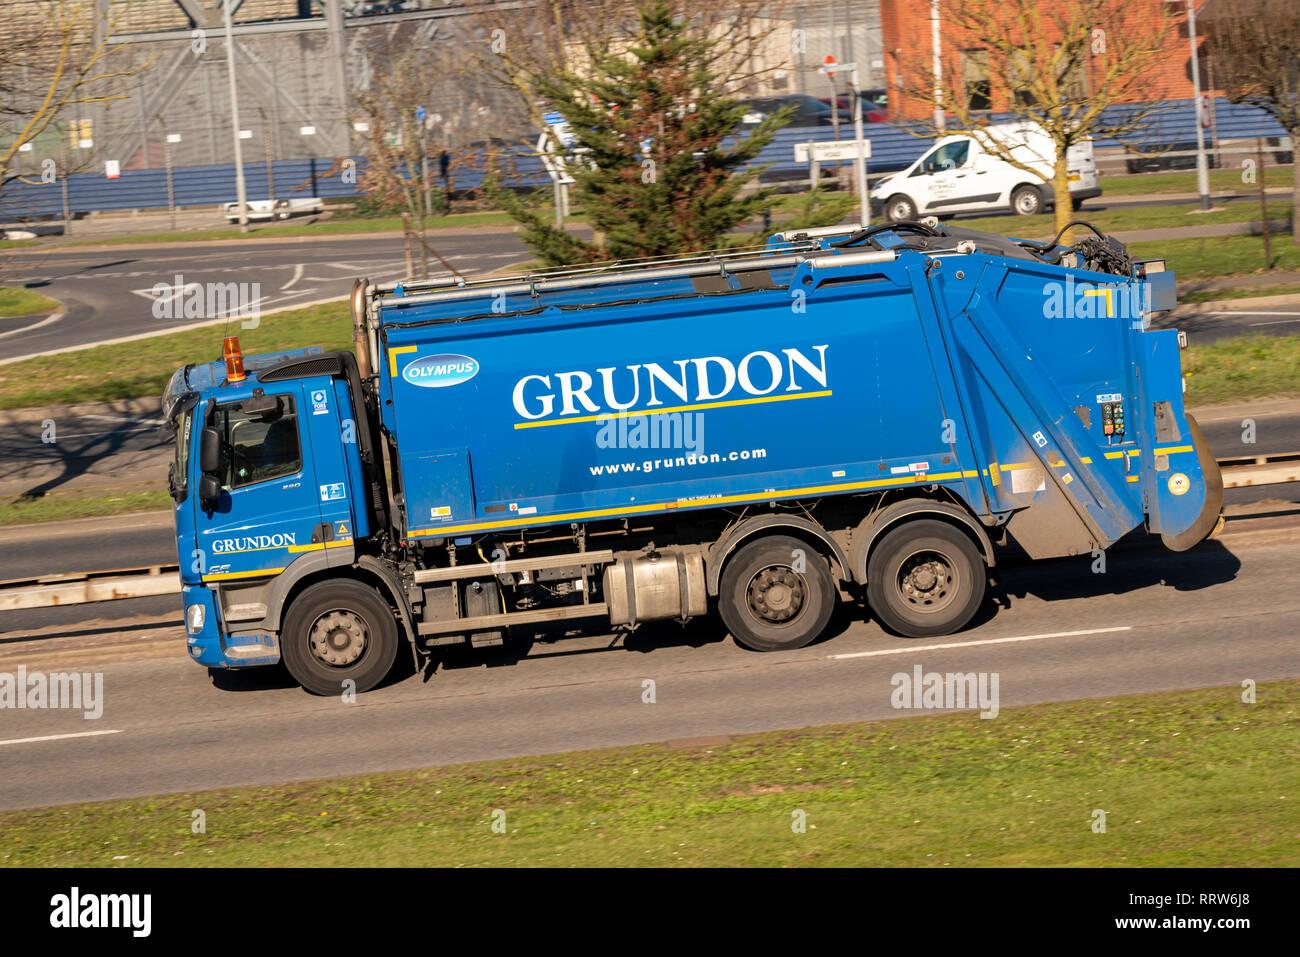 Grundon camion della spazzatura, rifiutare il camion di guida su strada. Rifiuti Grundon Management Ltd blue Dennis Eagle con Olympus corpo veicolo autocarro bin Immagini Stock